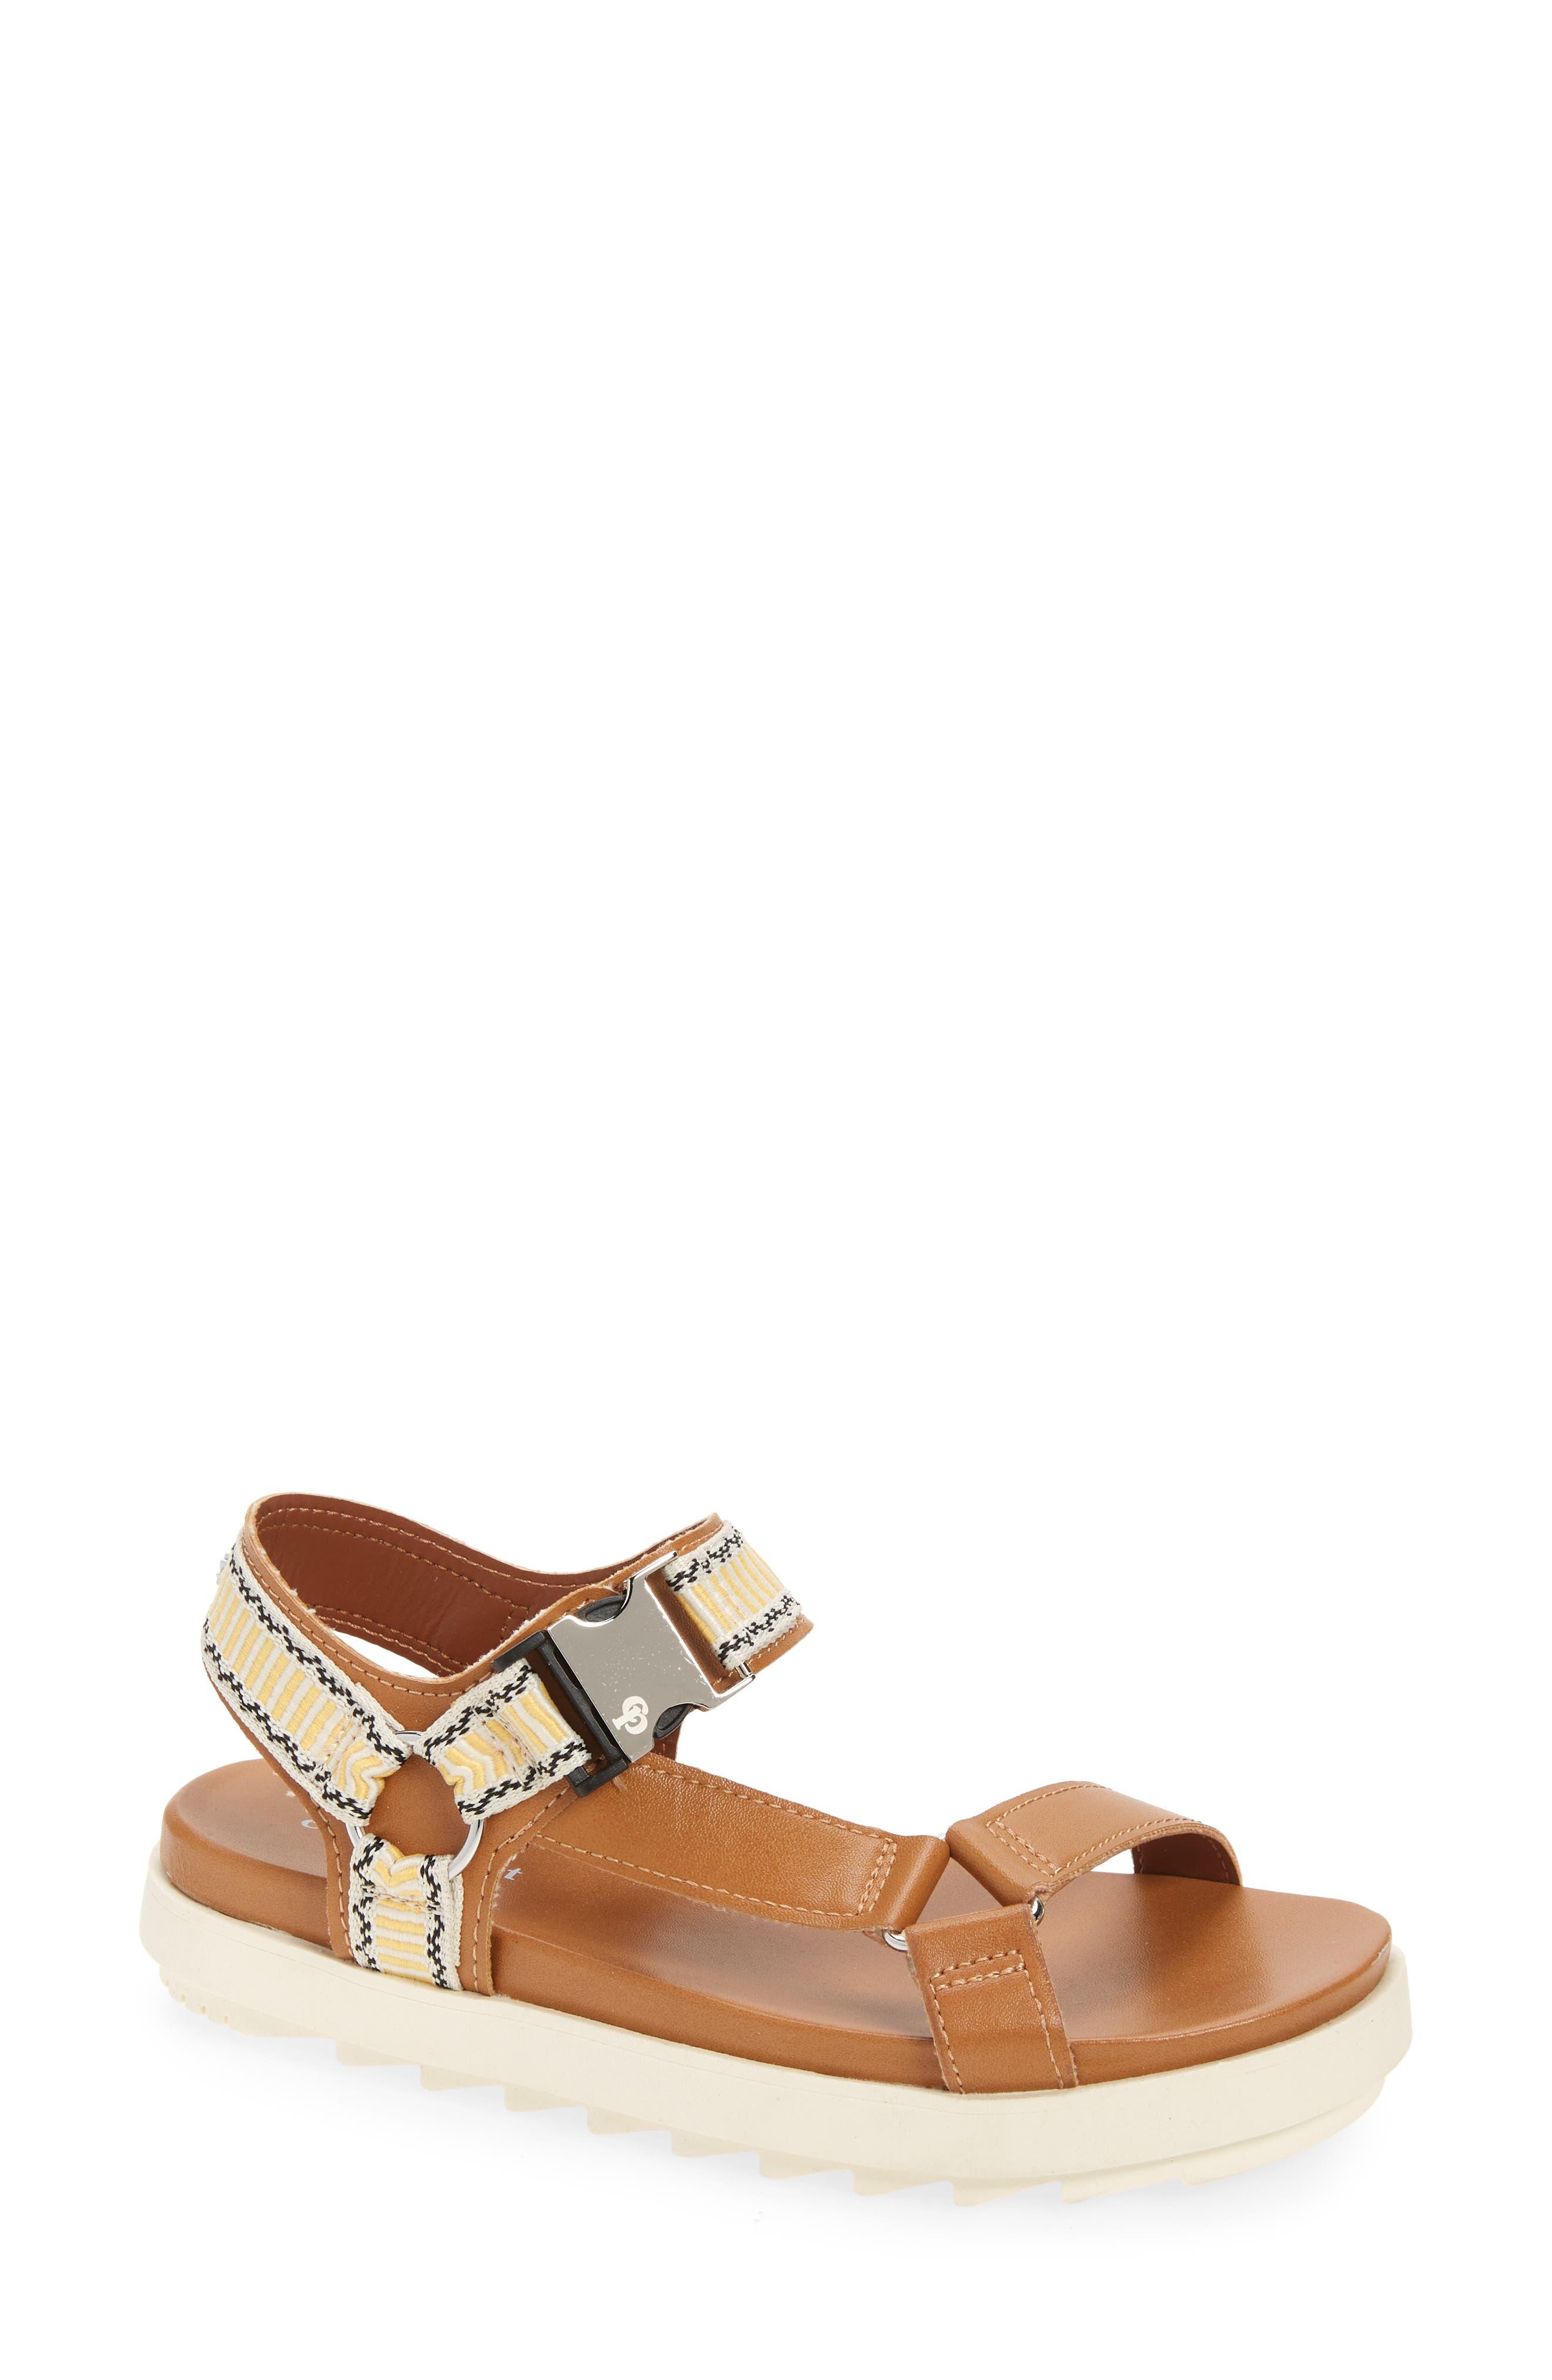 Astridd Platform Sandal